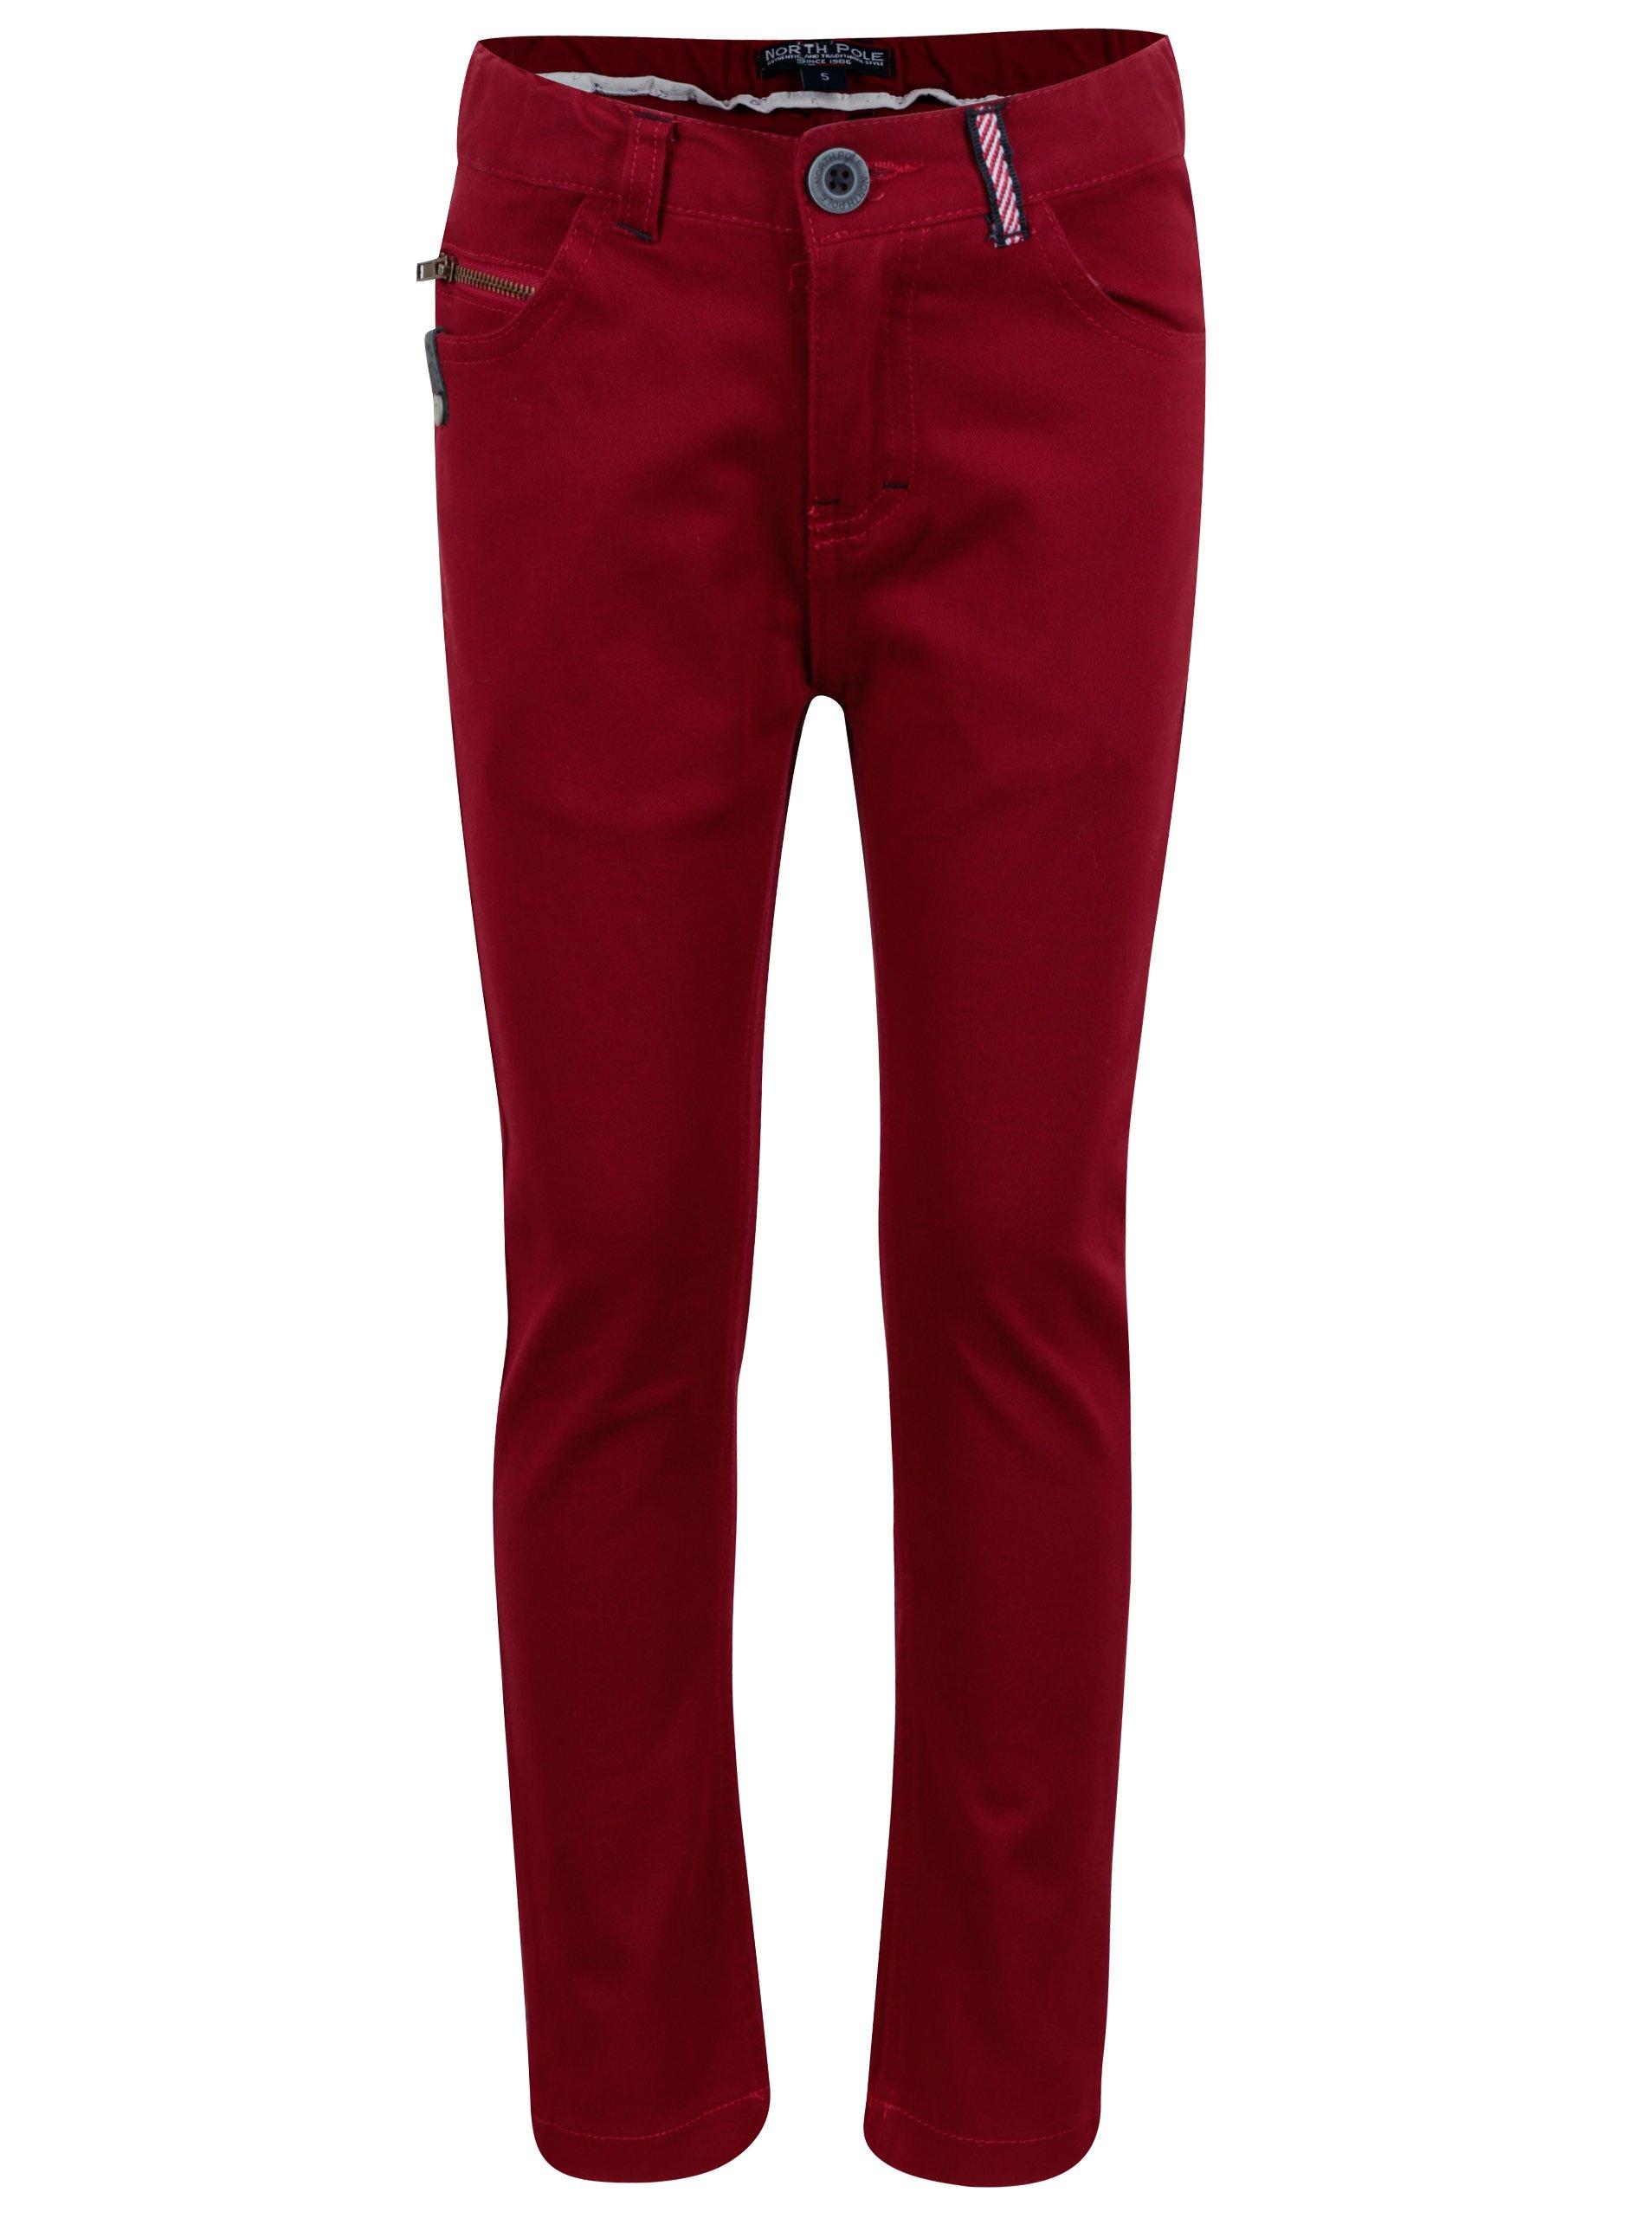 Červené klučičí kalhoty s nášivkou North Pole Kids